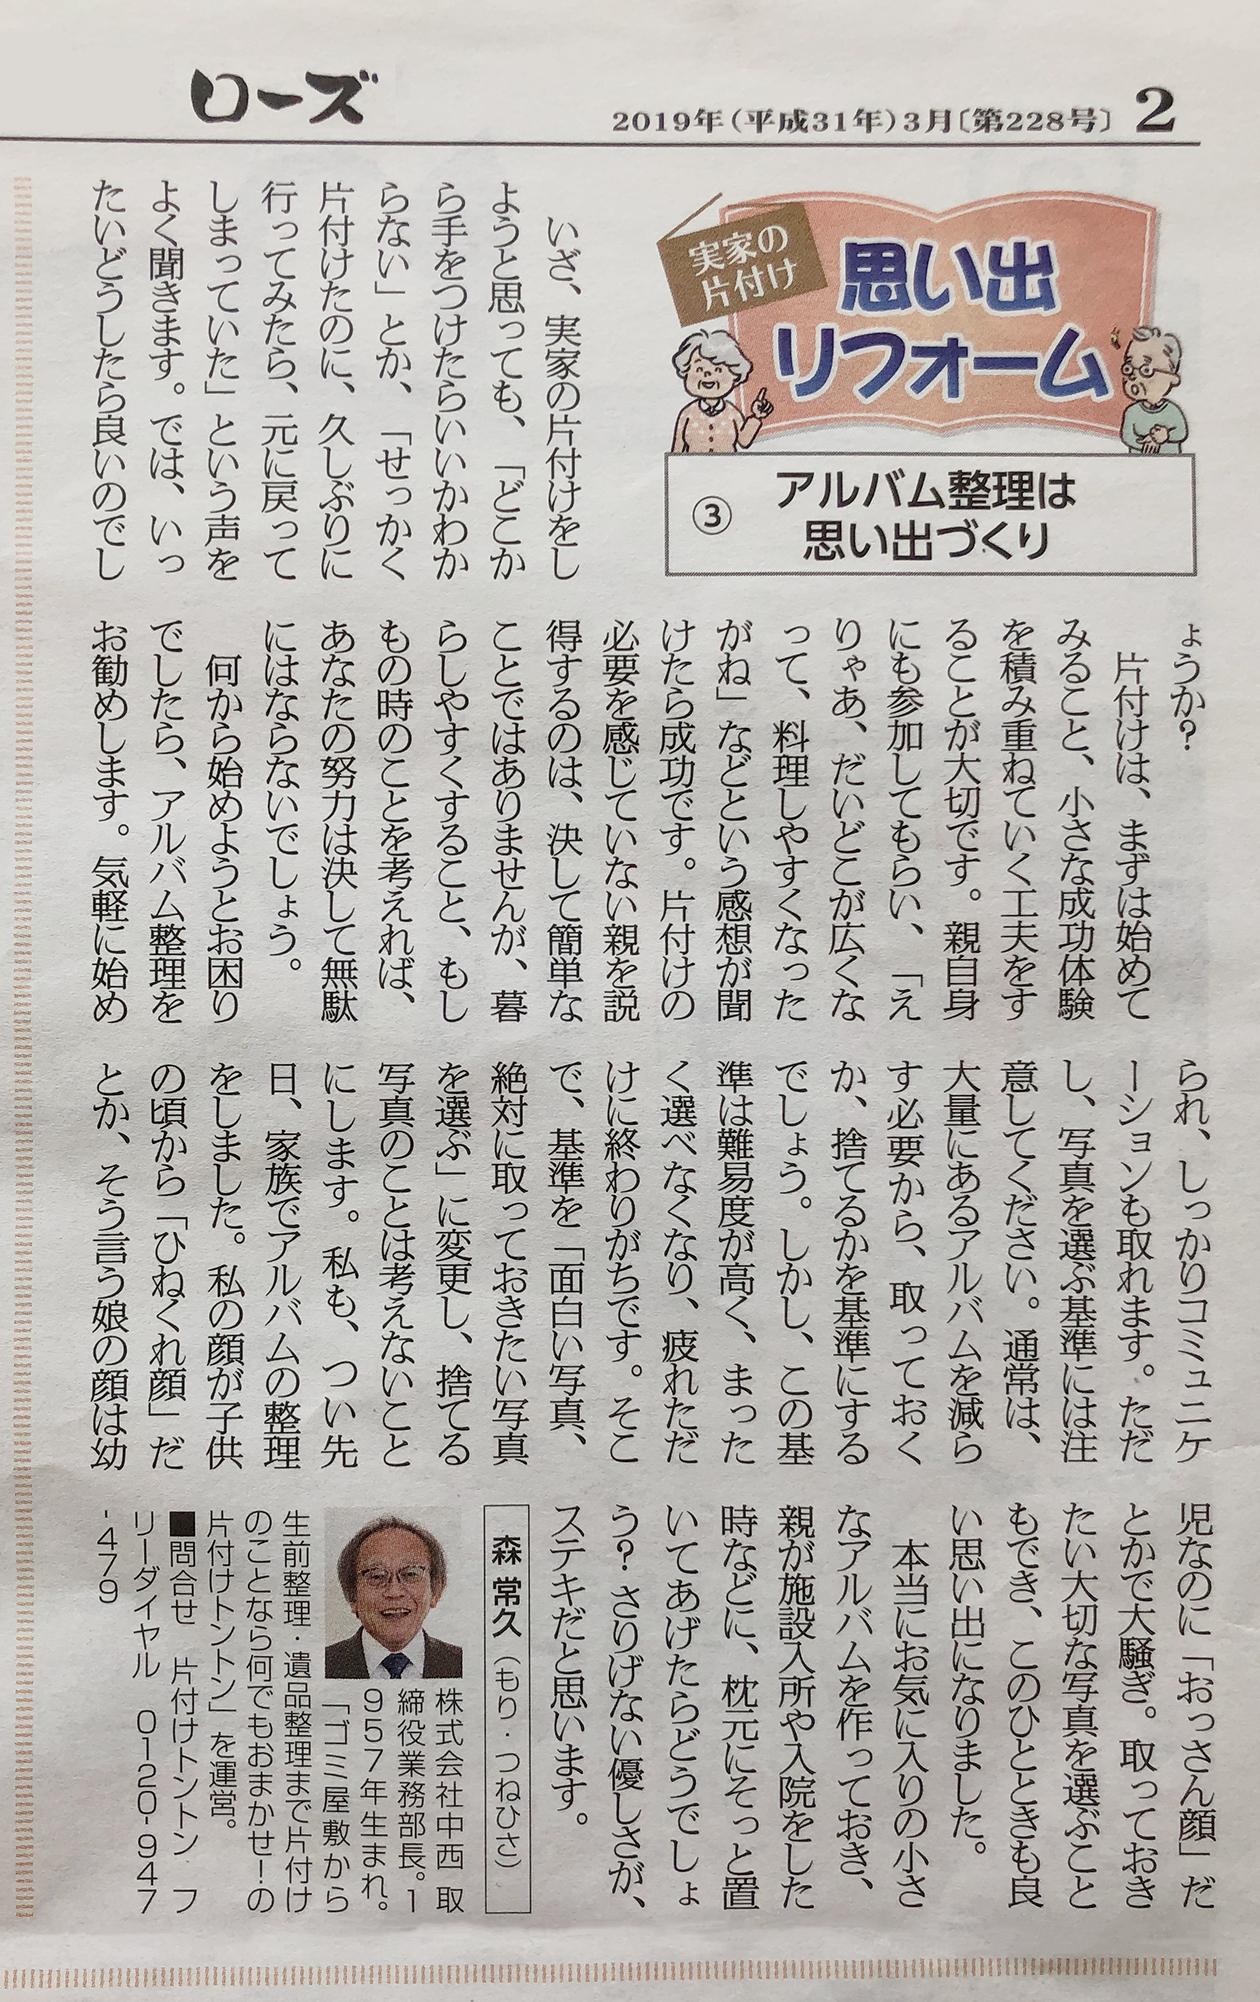 中日新聞朝刊折込 シニア情報紙『ローズ』3月号の写真